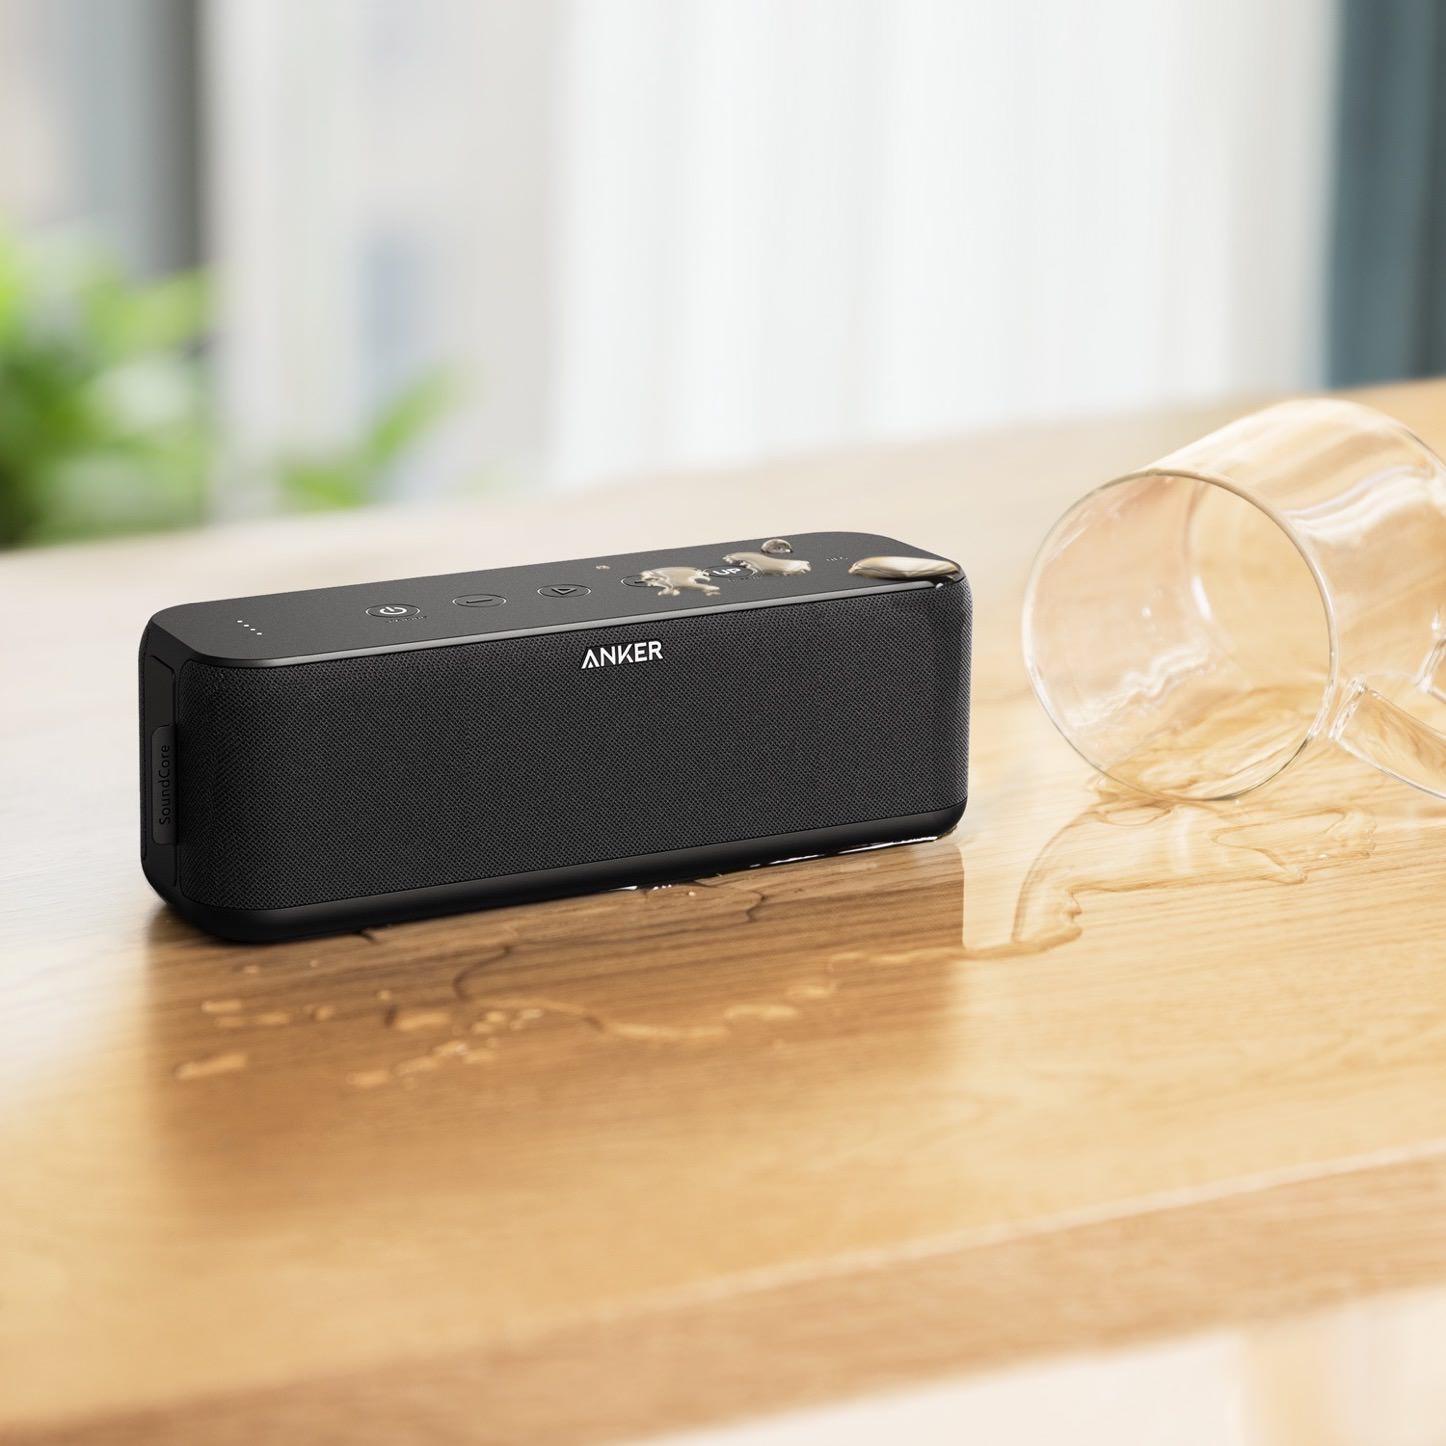 Anker-SoundCore-Boost-Wireless-Speakers-07.jpg